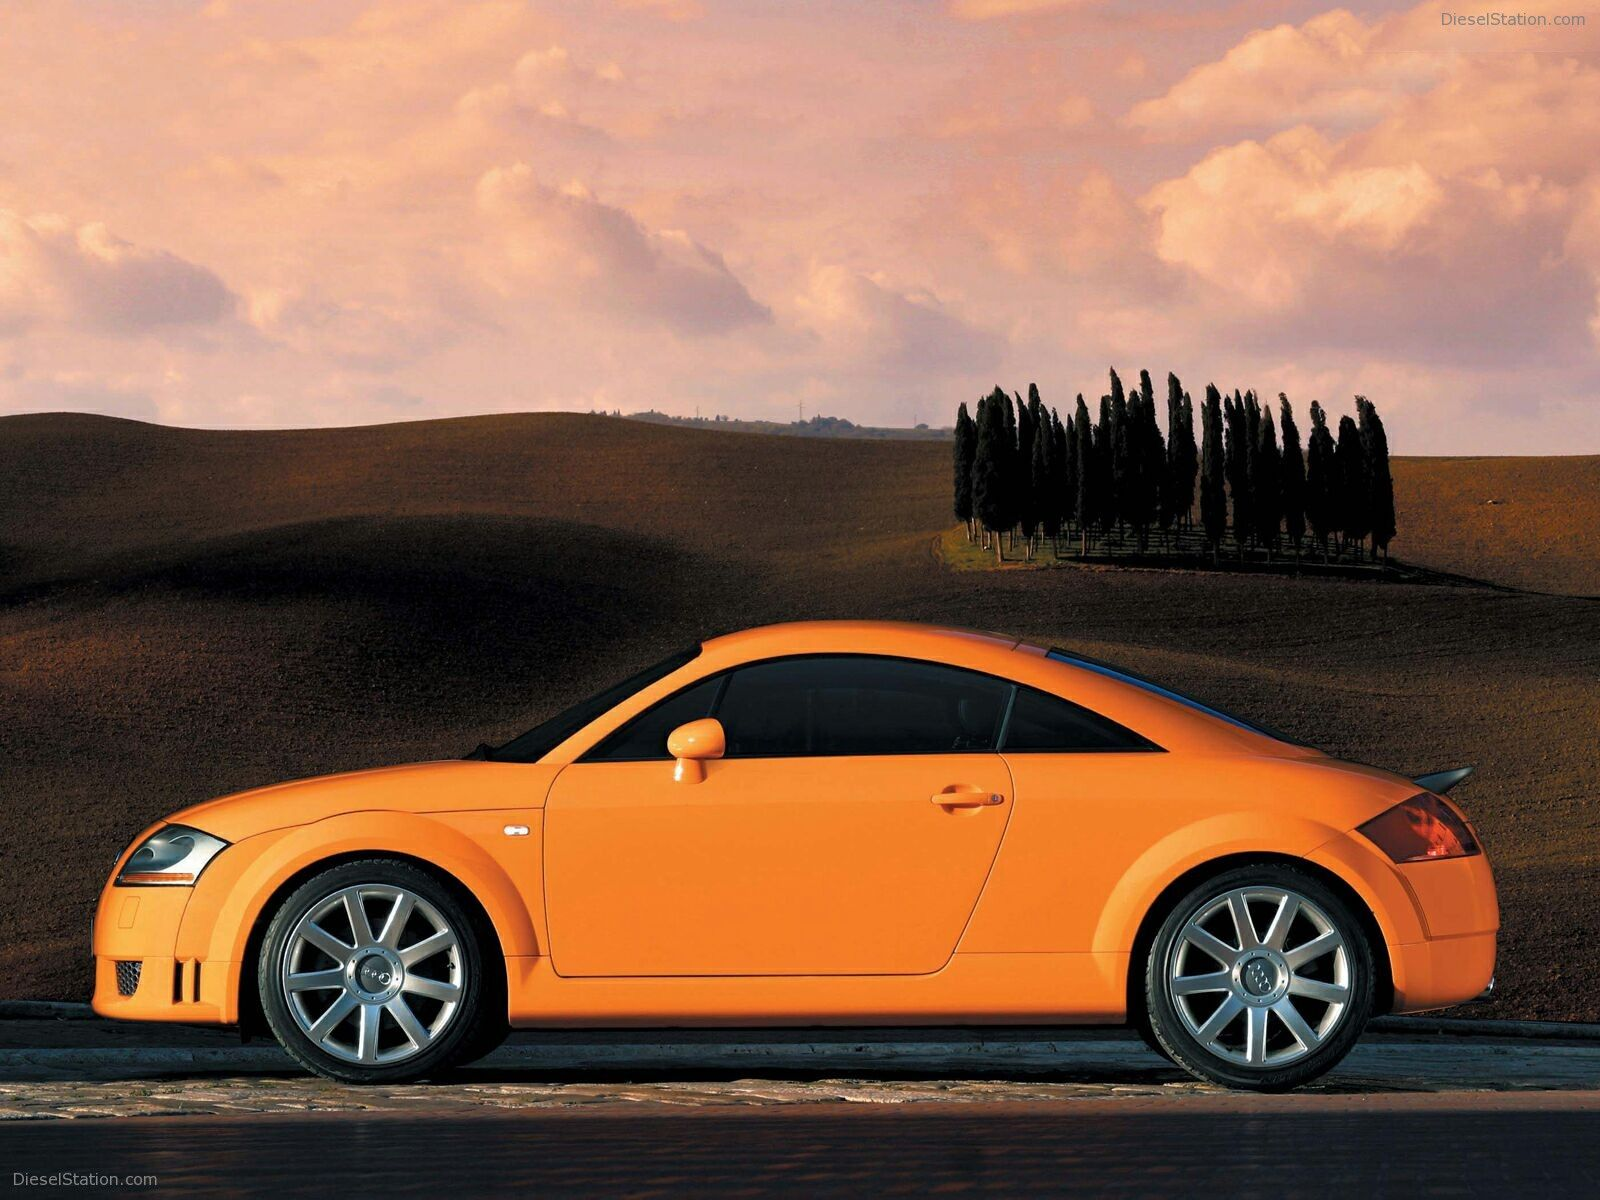 Kelebihan Kekurangan Audi Tt 1999 Tangguh